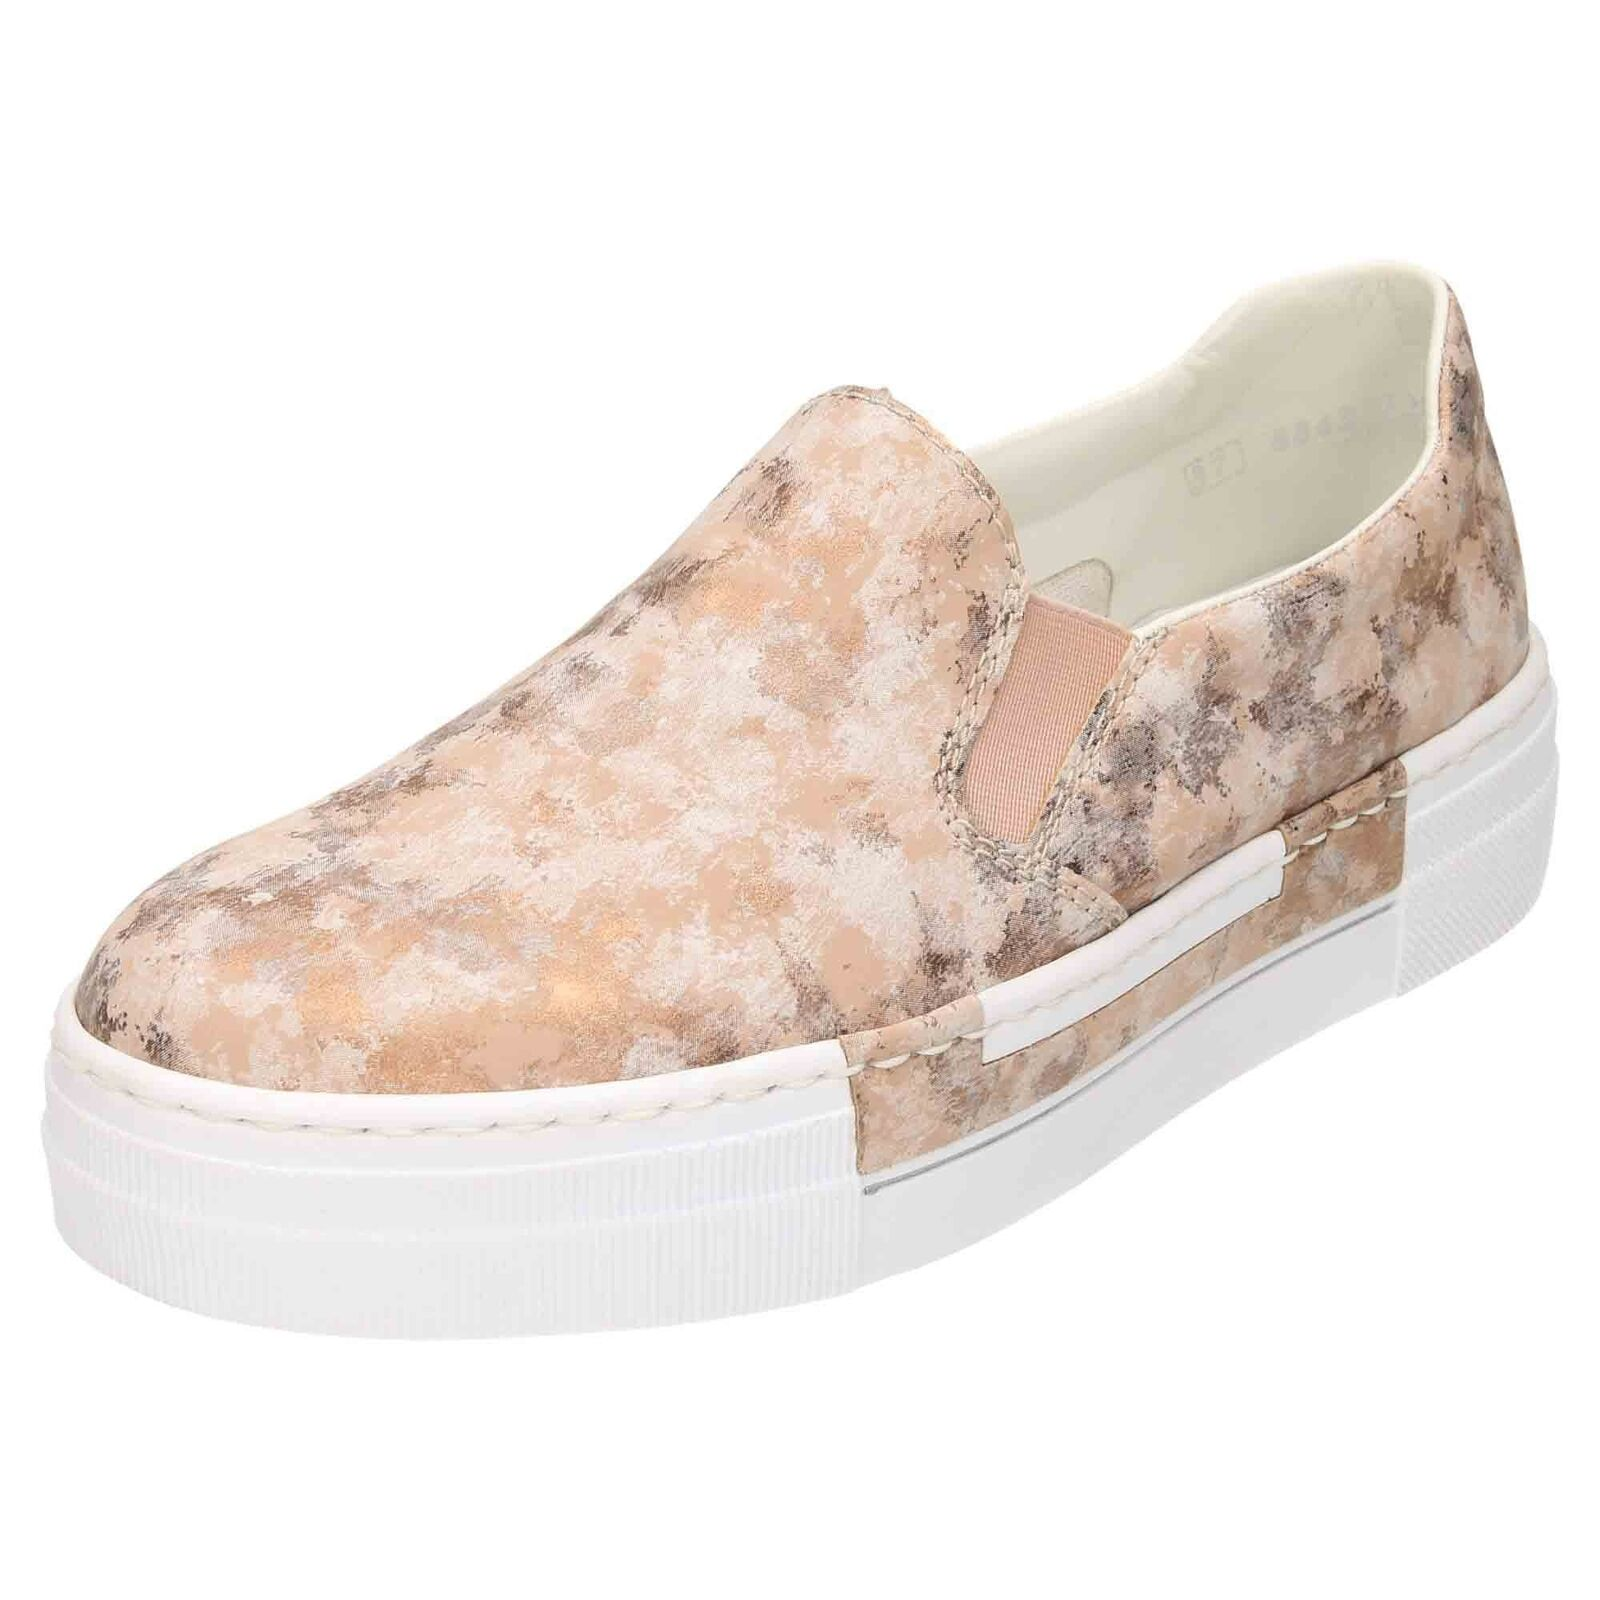 Rieker à Enfiler Sandale Chaussures Escarpins N4966-32 diapositives Mocassins Tennis Plates